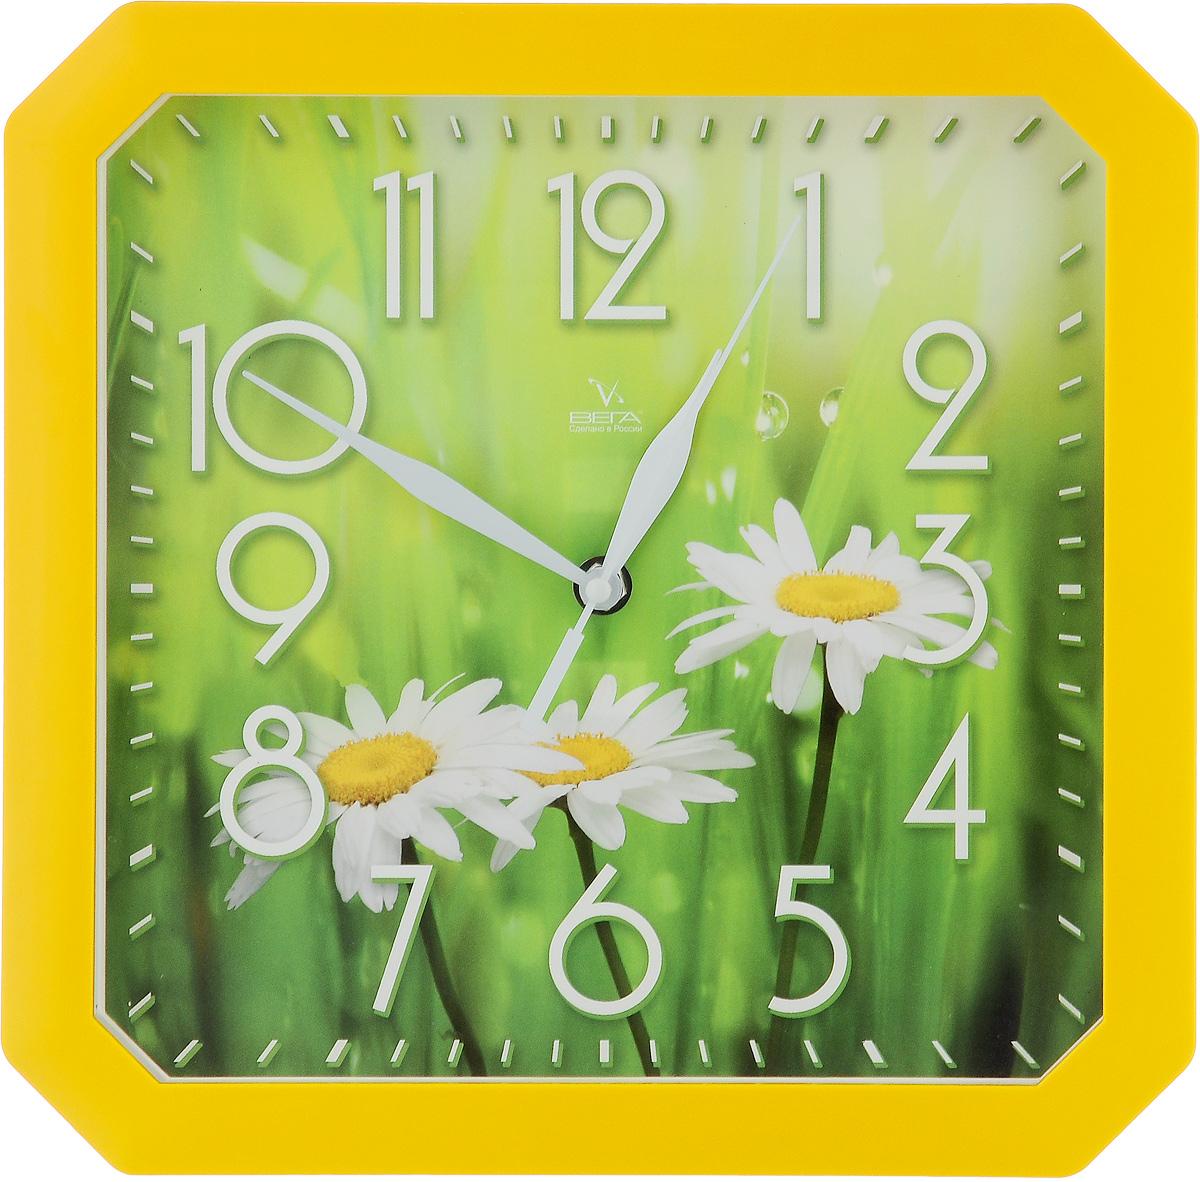 Часы настенные Вега Три ромашки, 28 х 28 х 4 смП4-2/7-84Настенные кварцевые часы Вега Три ромашки, изготовленные из пластика, прекрасно впишутся в интерьер вашего дома. Часы имеют три стрелки: часовую, минутную и секундную, циферблат защищен прозрачным стеклом. Часы работают от 1 батарейки типа АА напряжением 1,5 В (не входит в комплект).